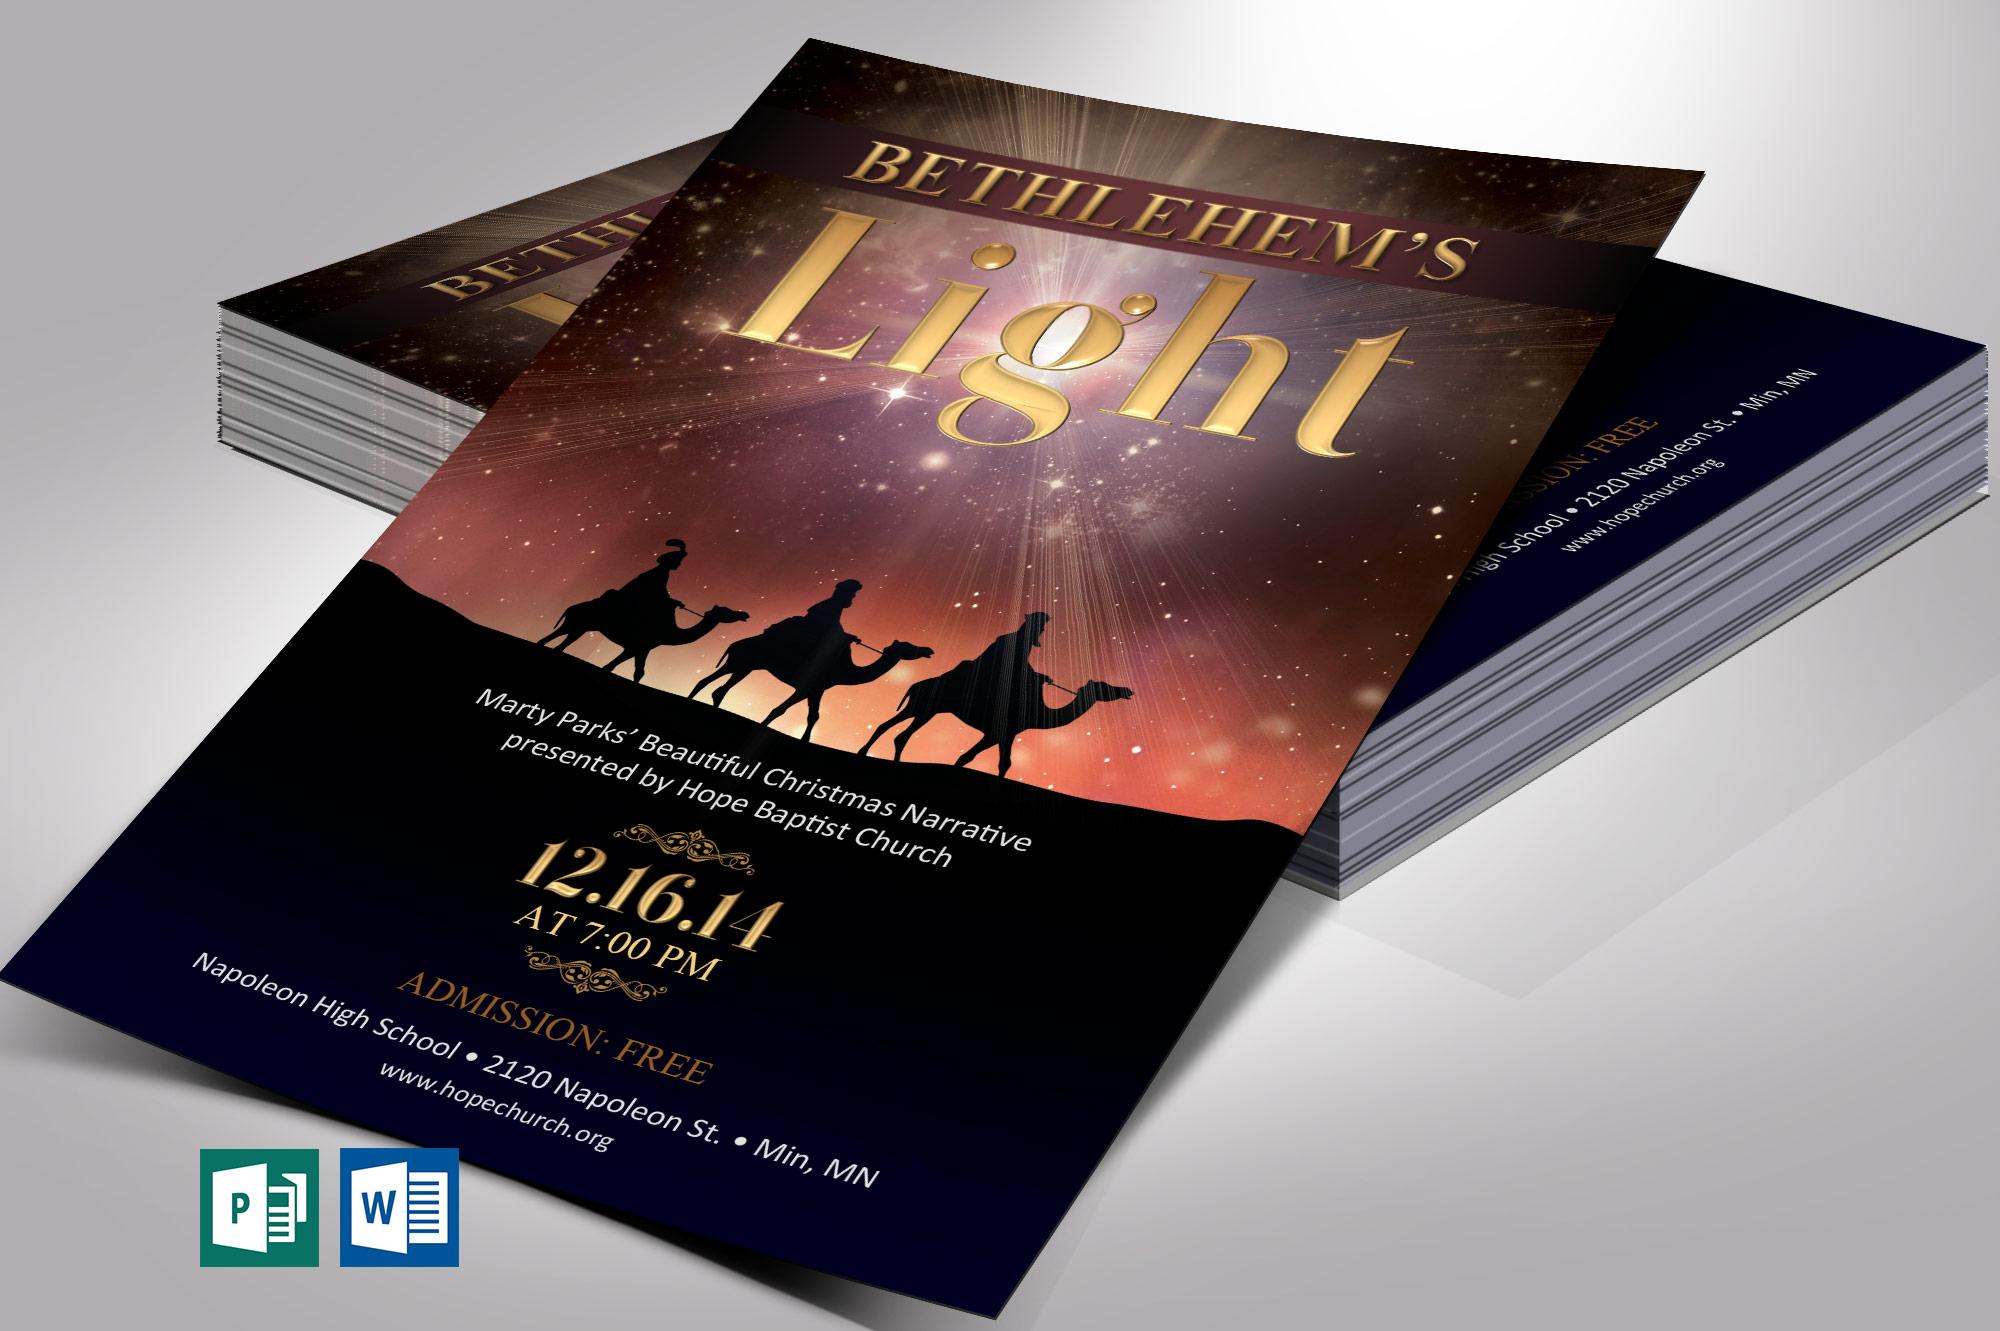 Bethlehem's Light Flyer Word Publisher Template